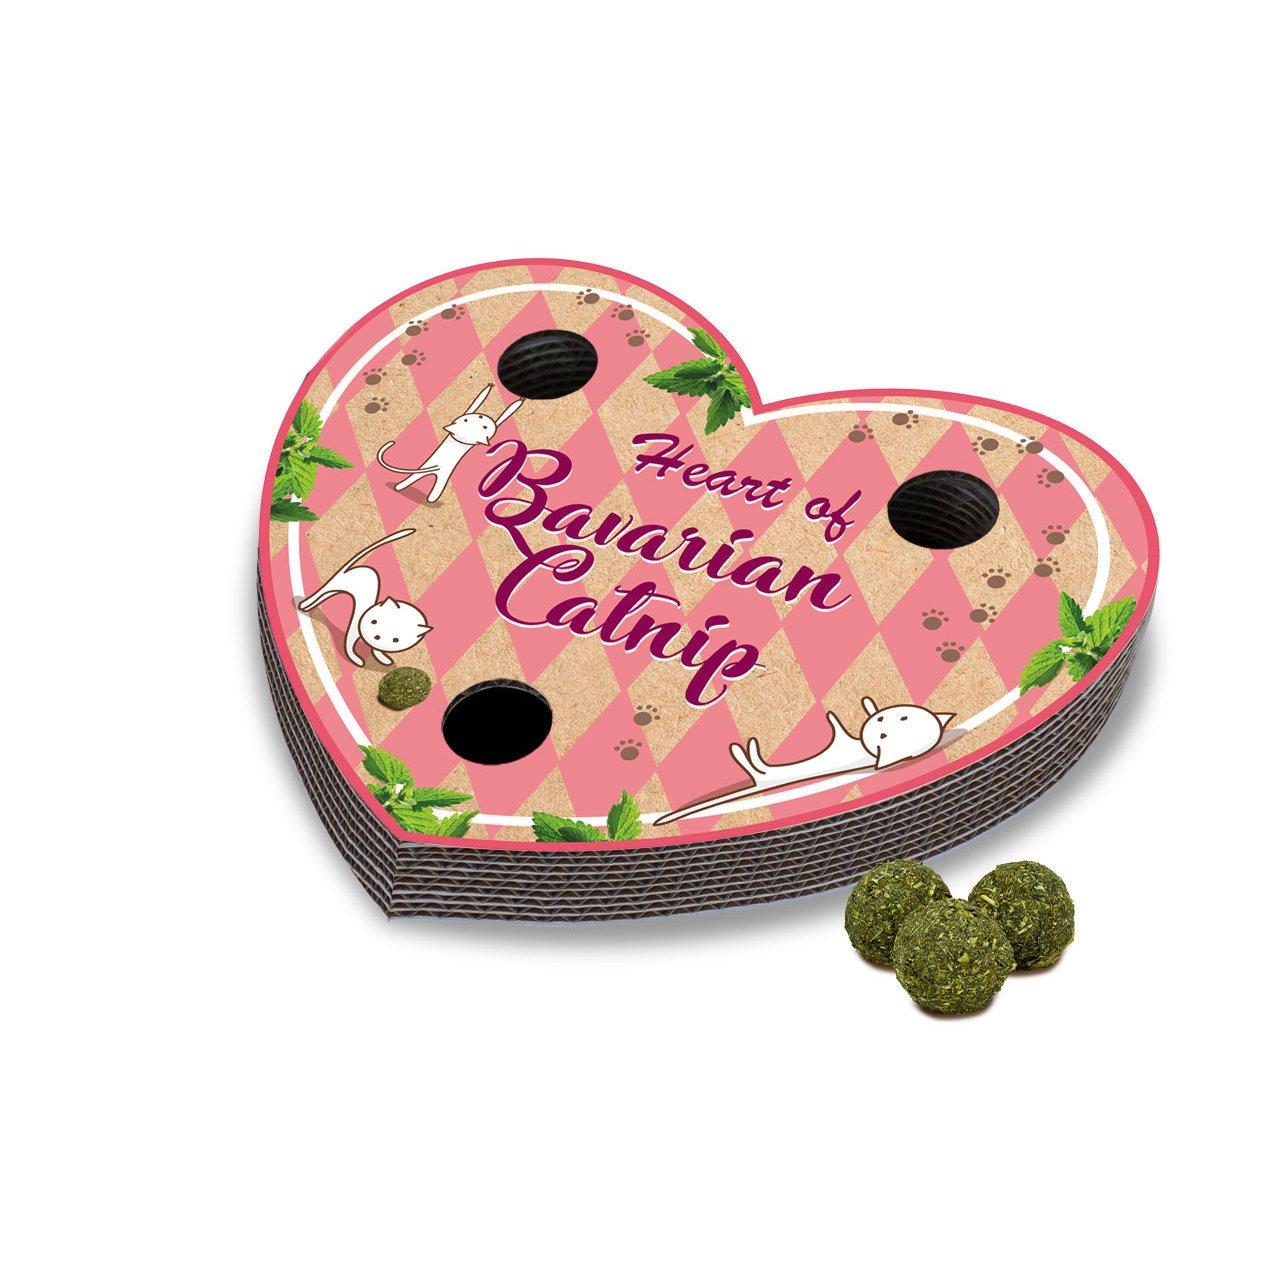 JR Farm Bavarian Catnip Heart, Herz - rosa